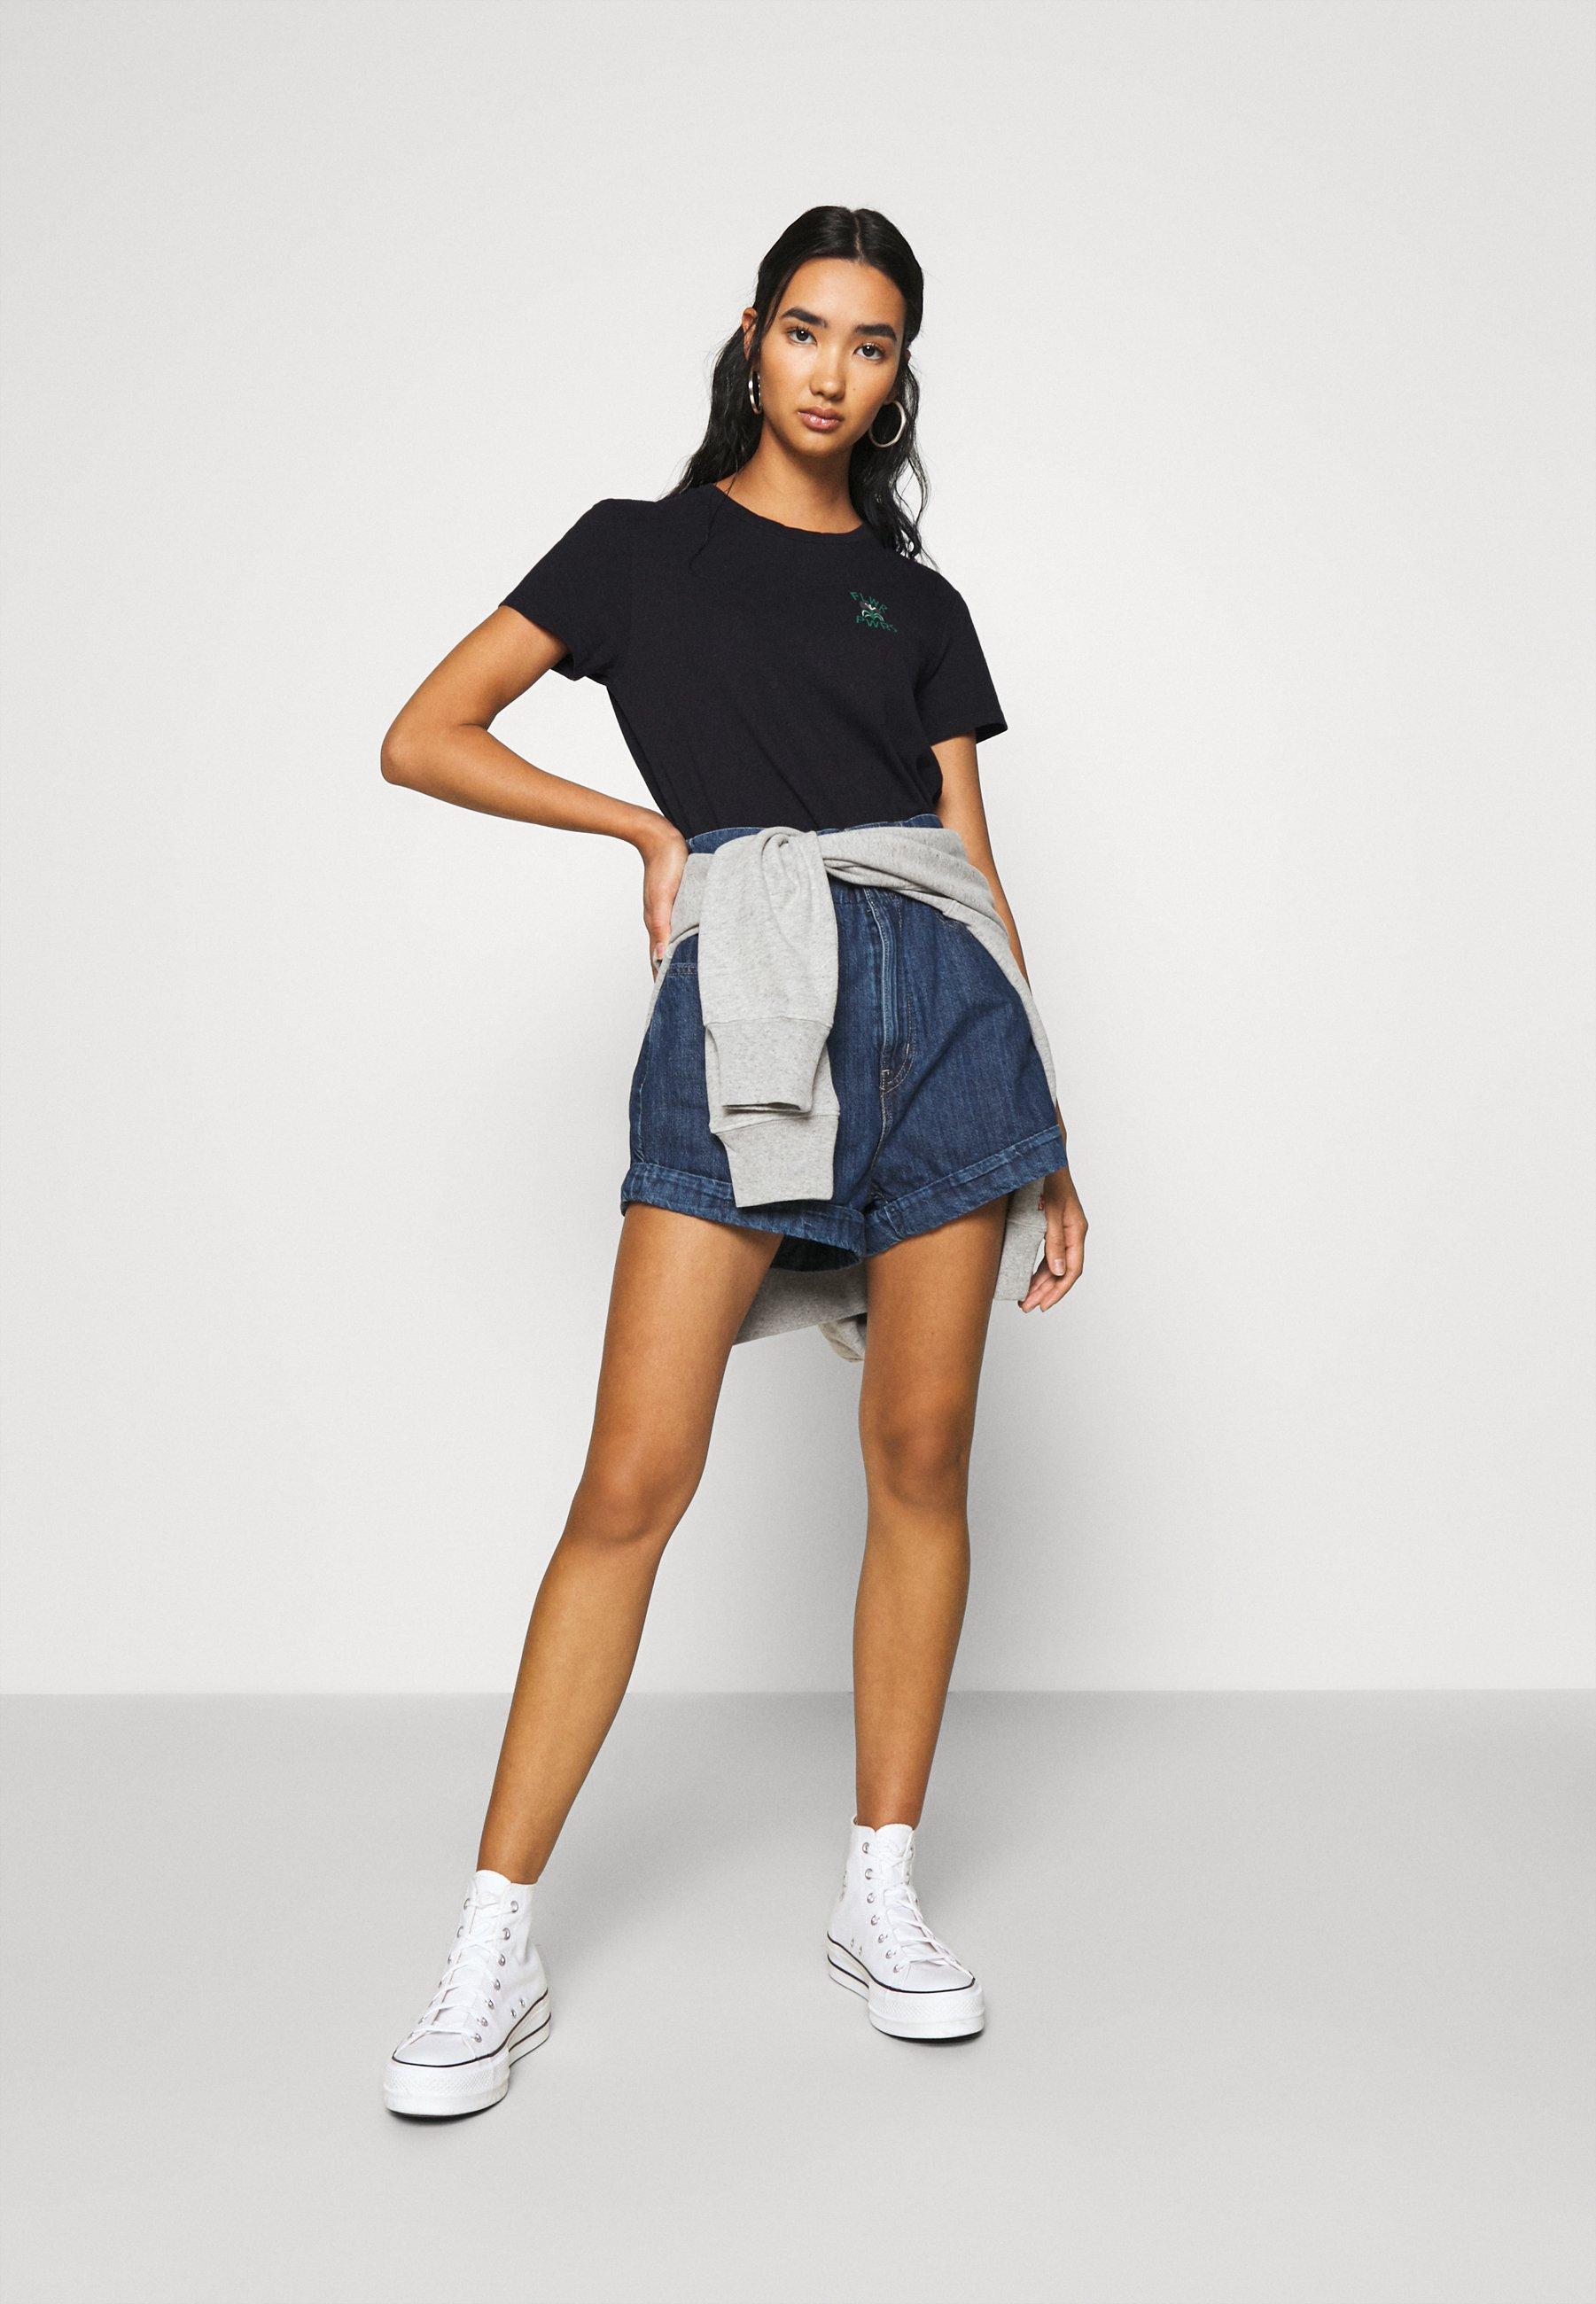 Levi's® Wellthread Perfect Tee - T-shirts Nightfall Black/svart